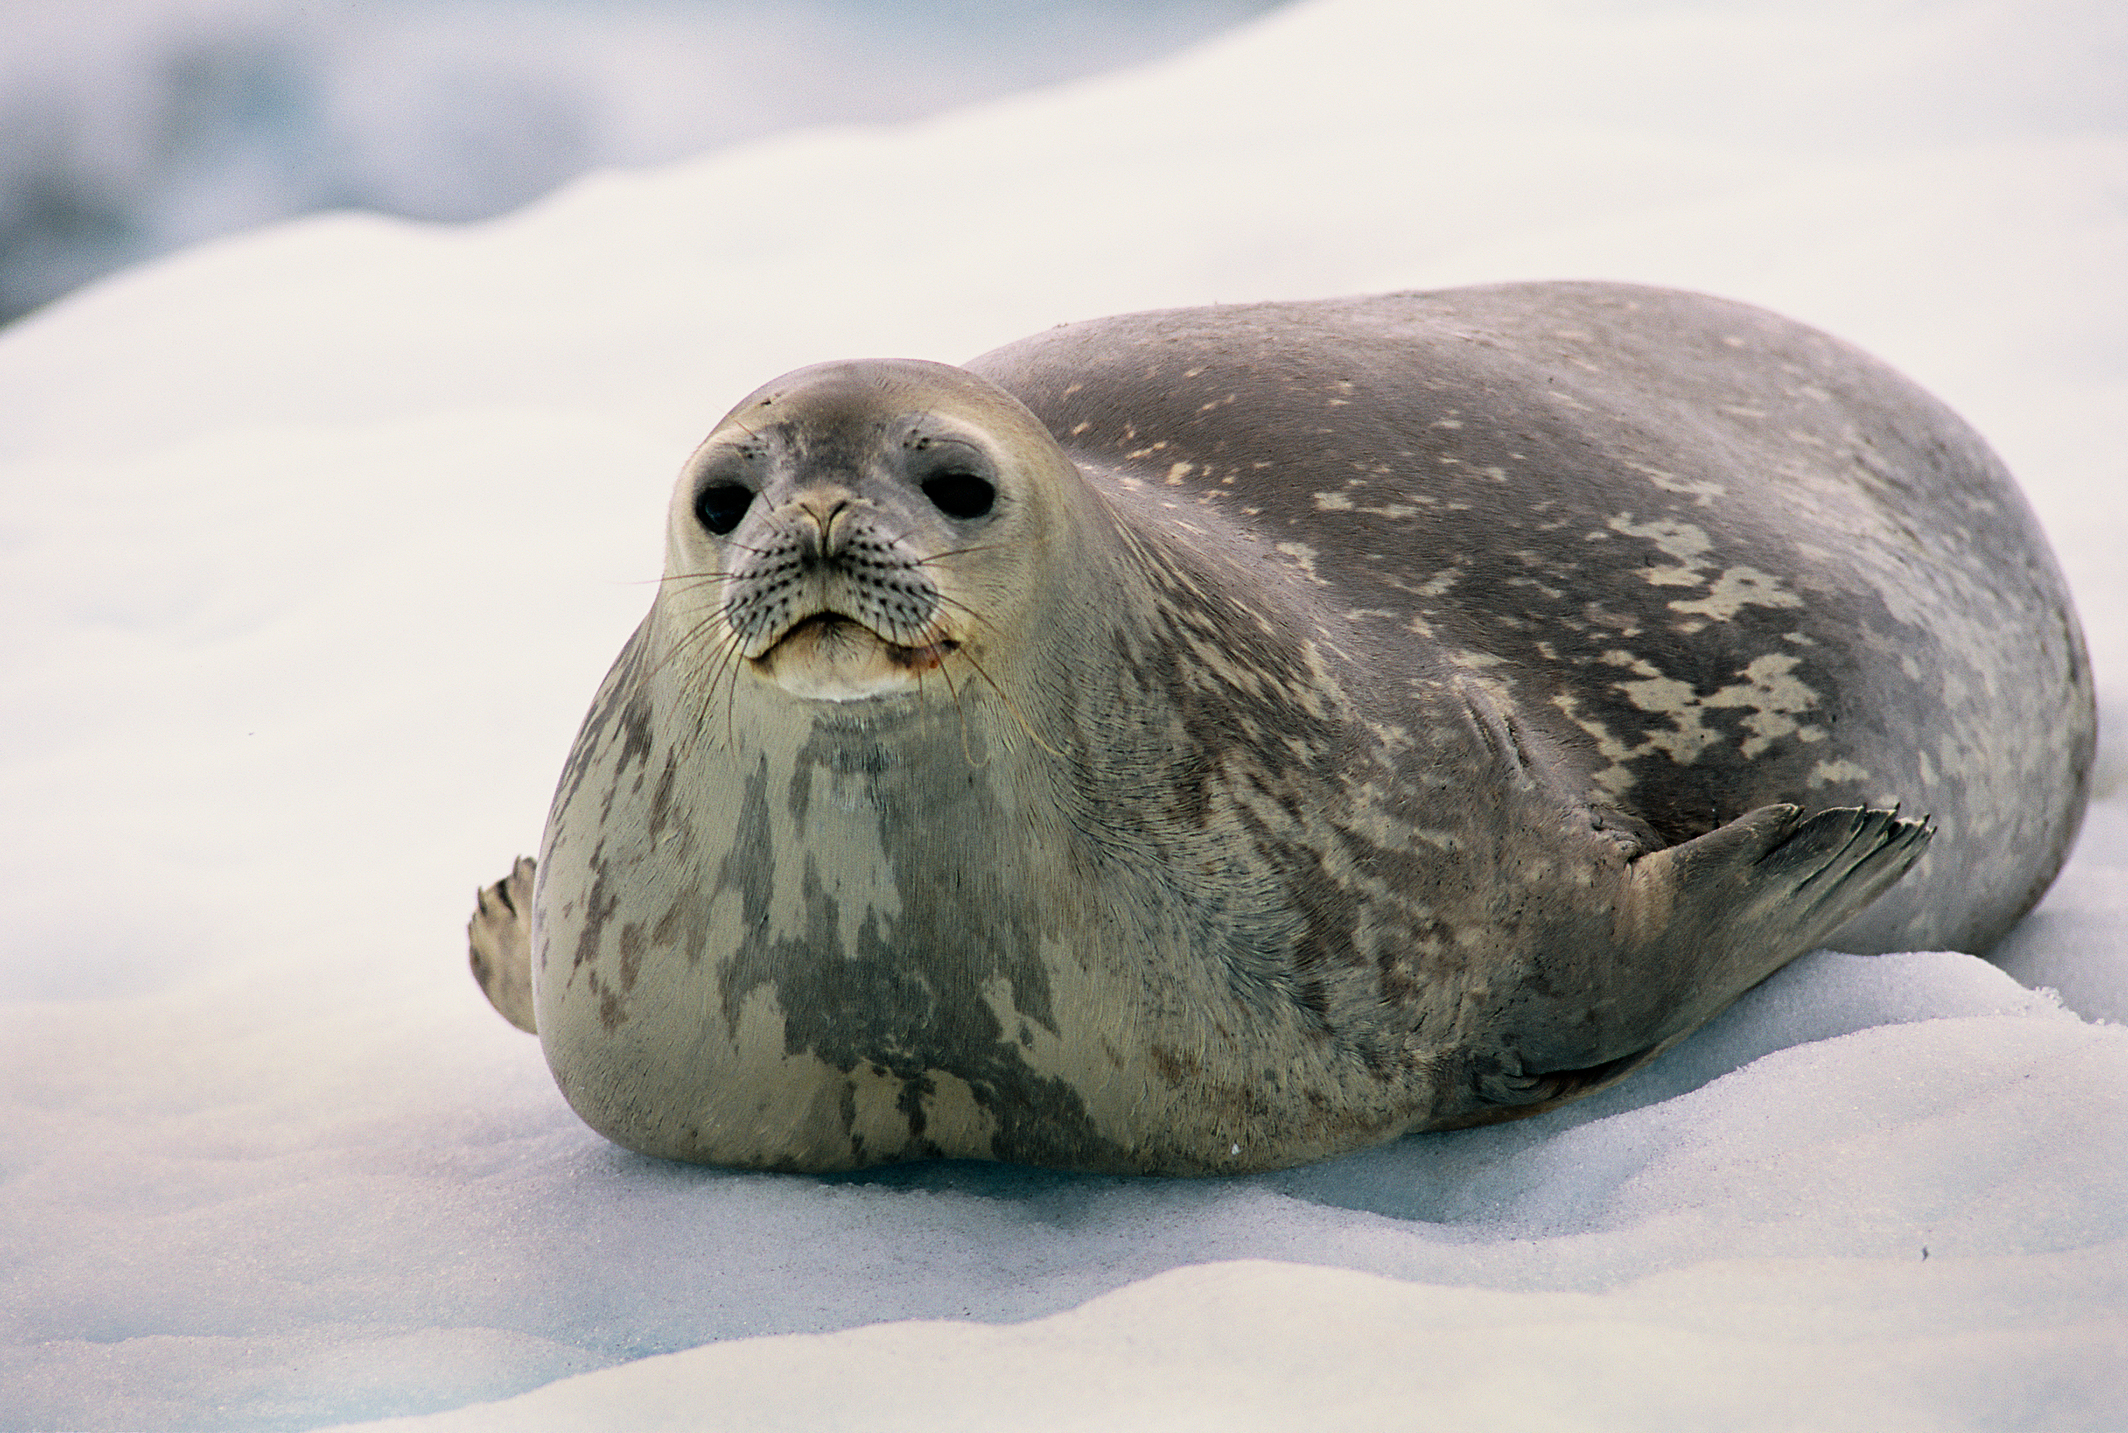 weddell-seal-leptonychotes-weddellii-antarctic-peninsula_f9b6-2128x1433px